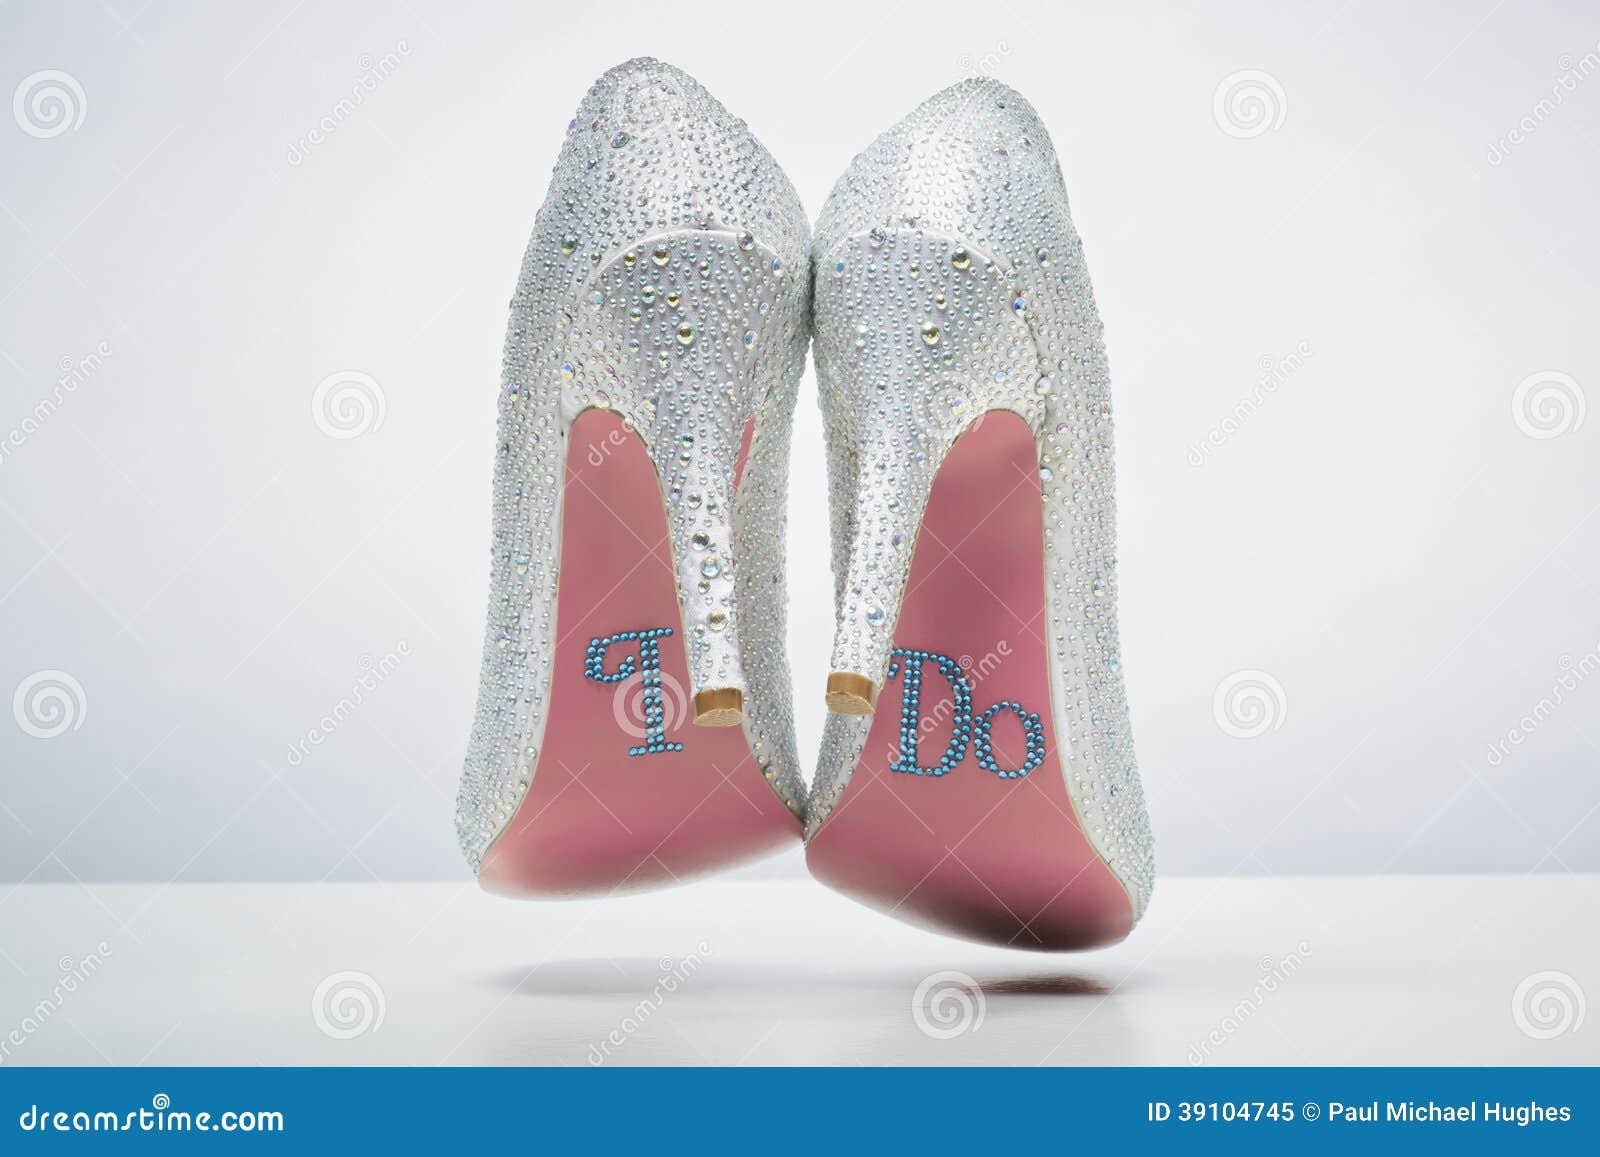 Bruids huwelijksschoenen met doe ik bericht op zool